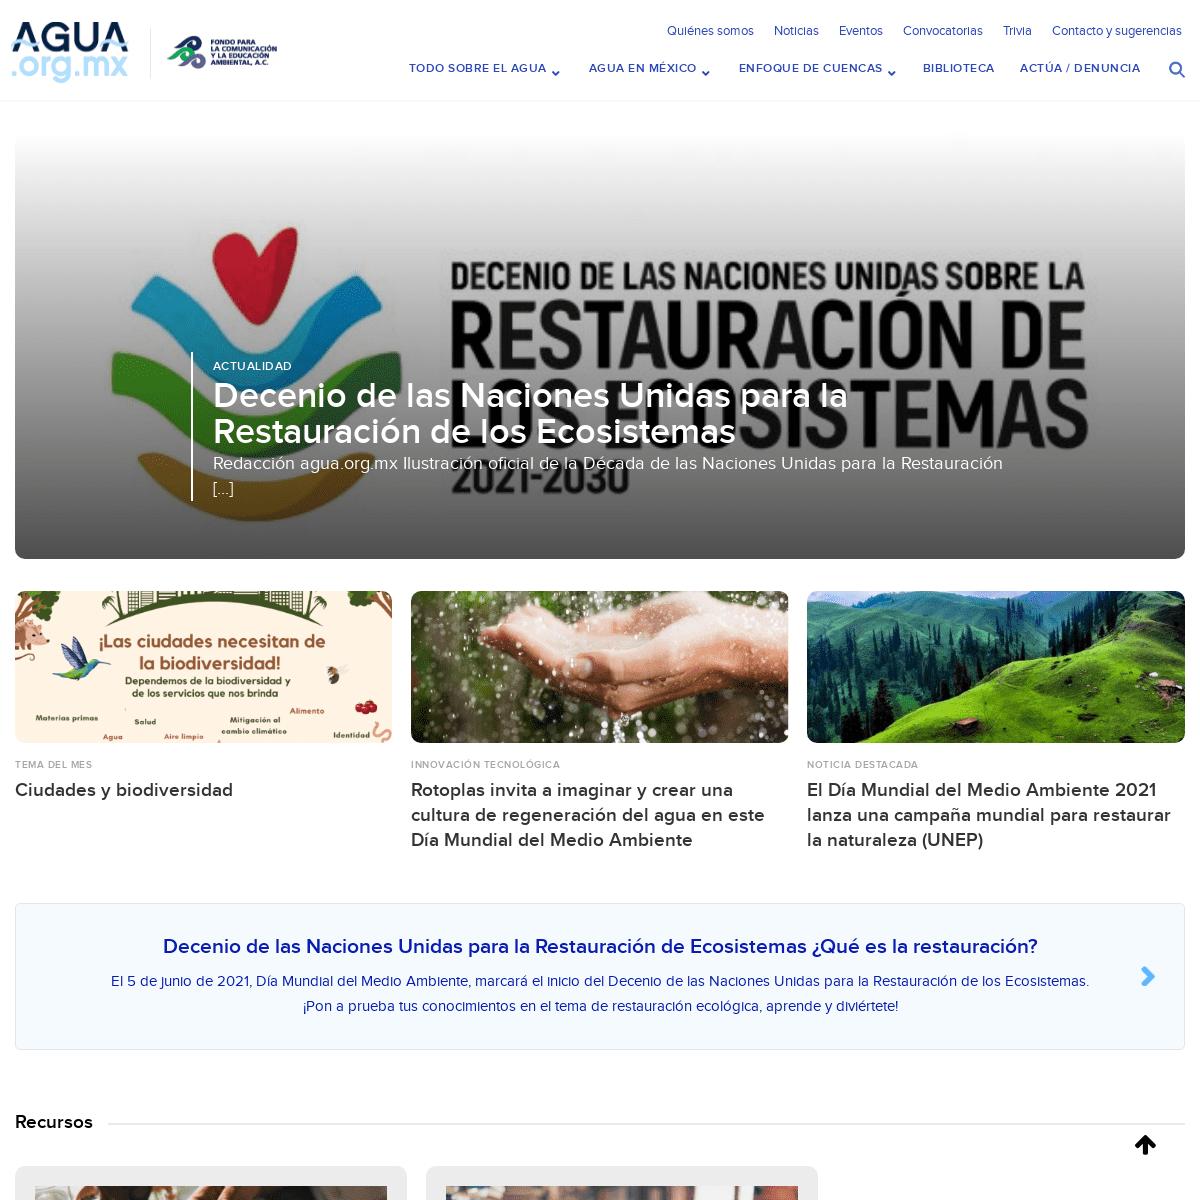 Agua.org.mx – Centro de Información del Agua